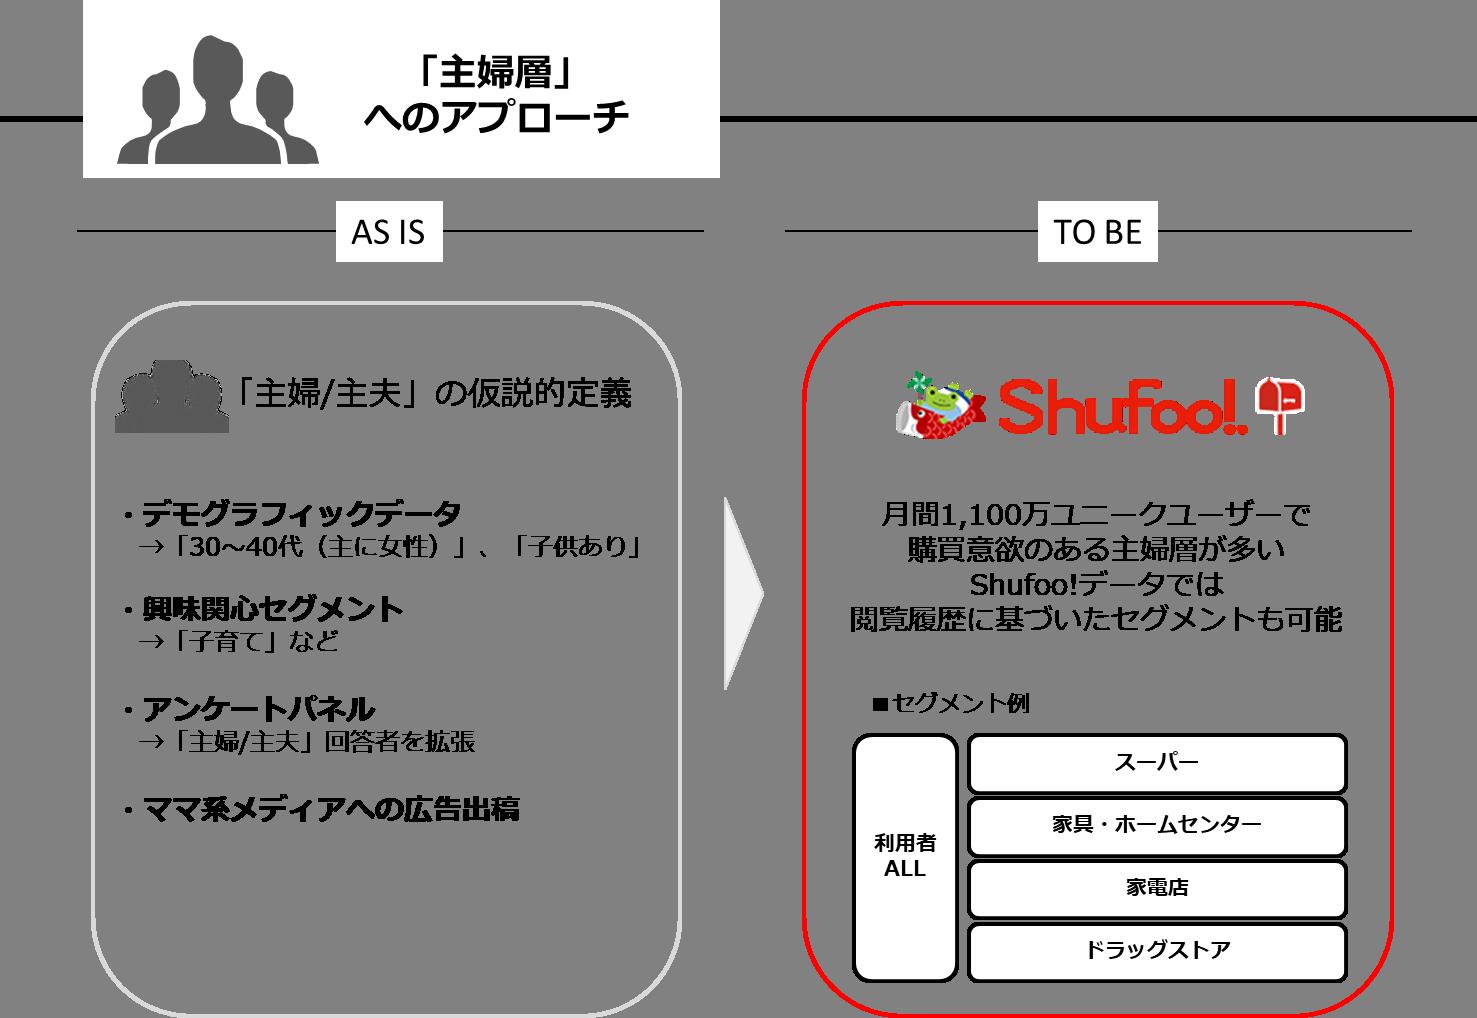 integration-aone-shufoo-image1